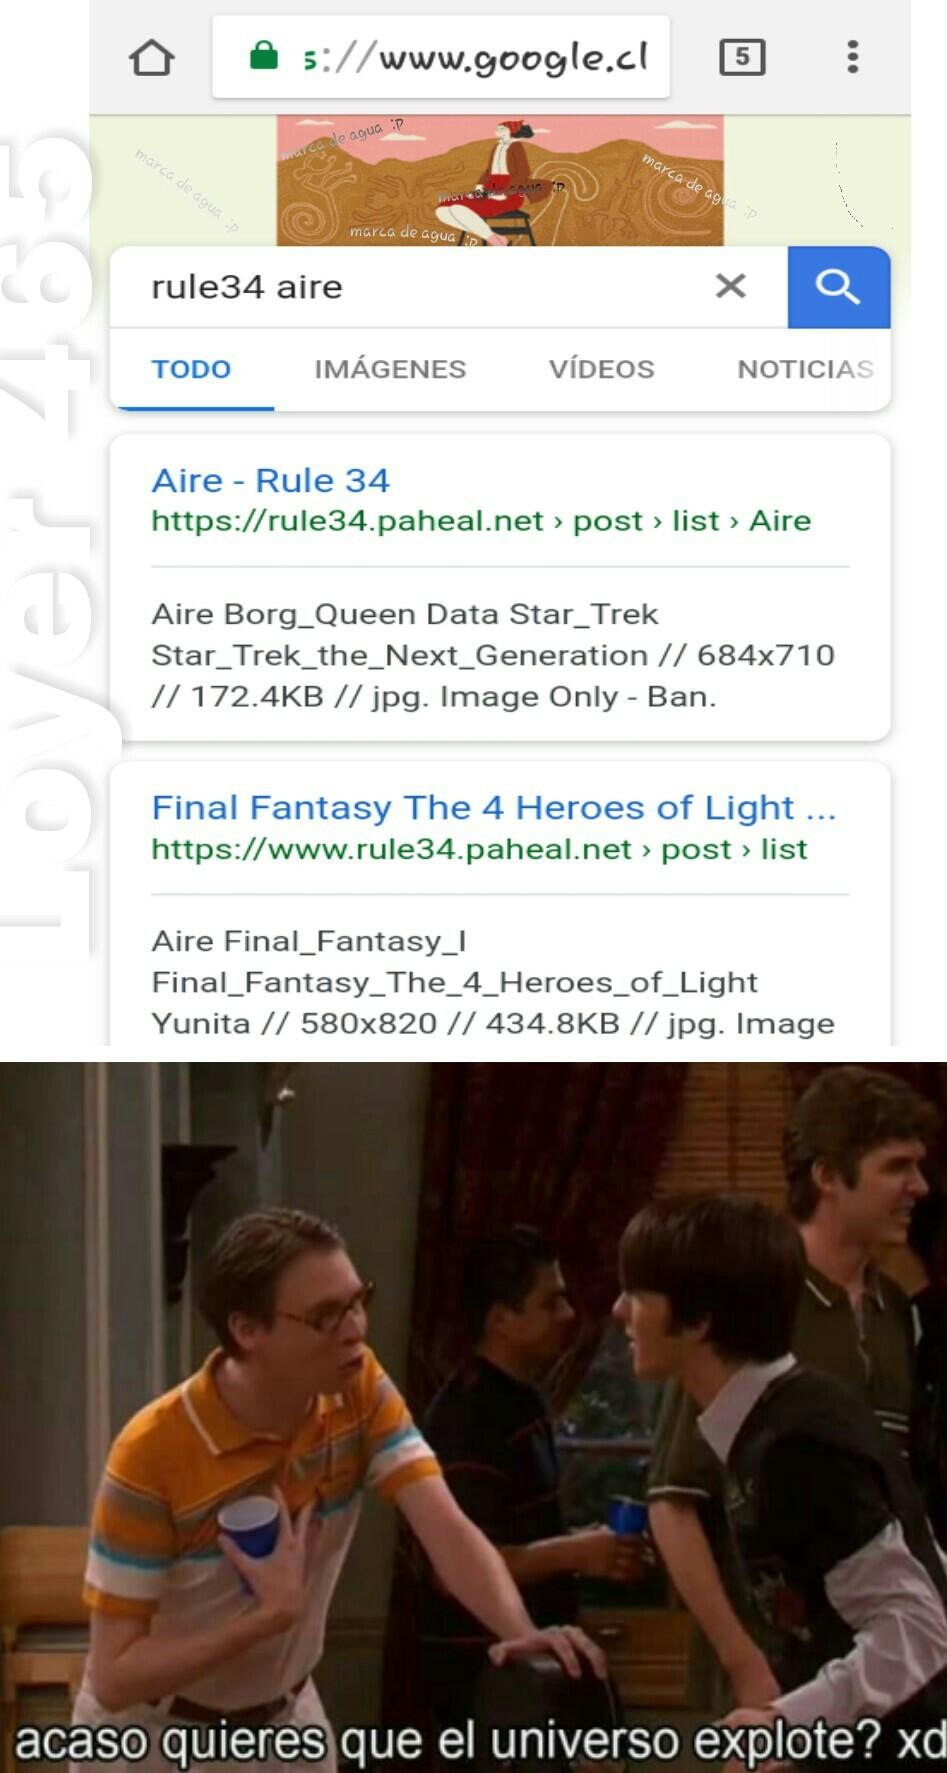 Rule 34 aire - meme